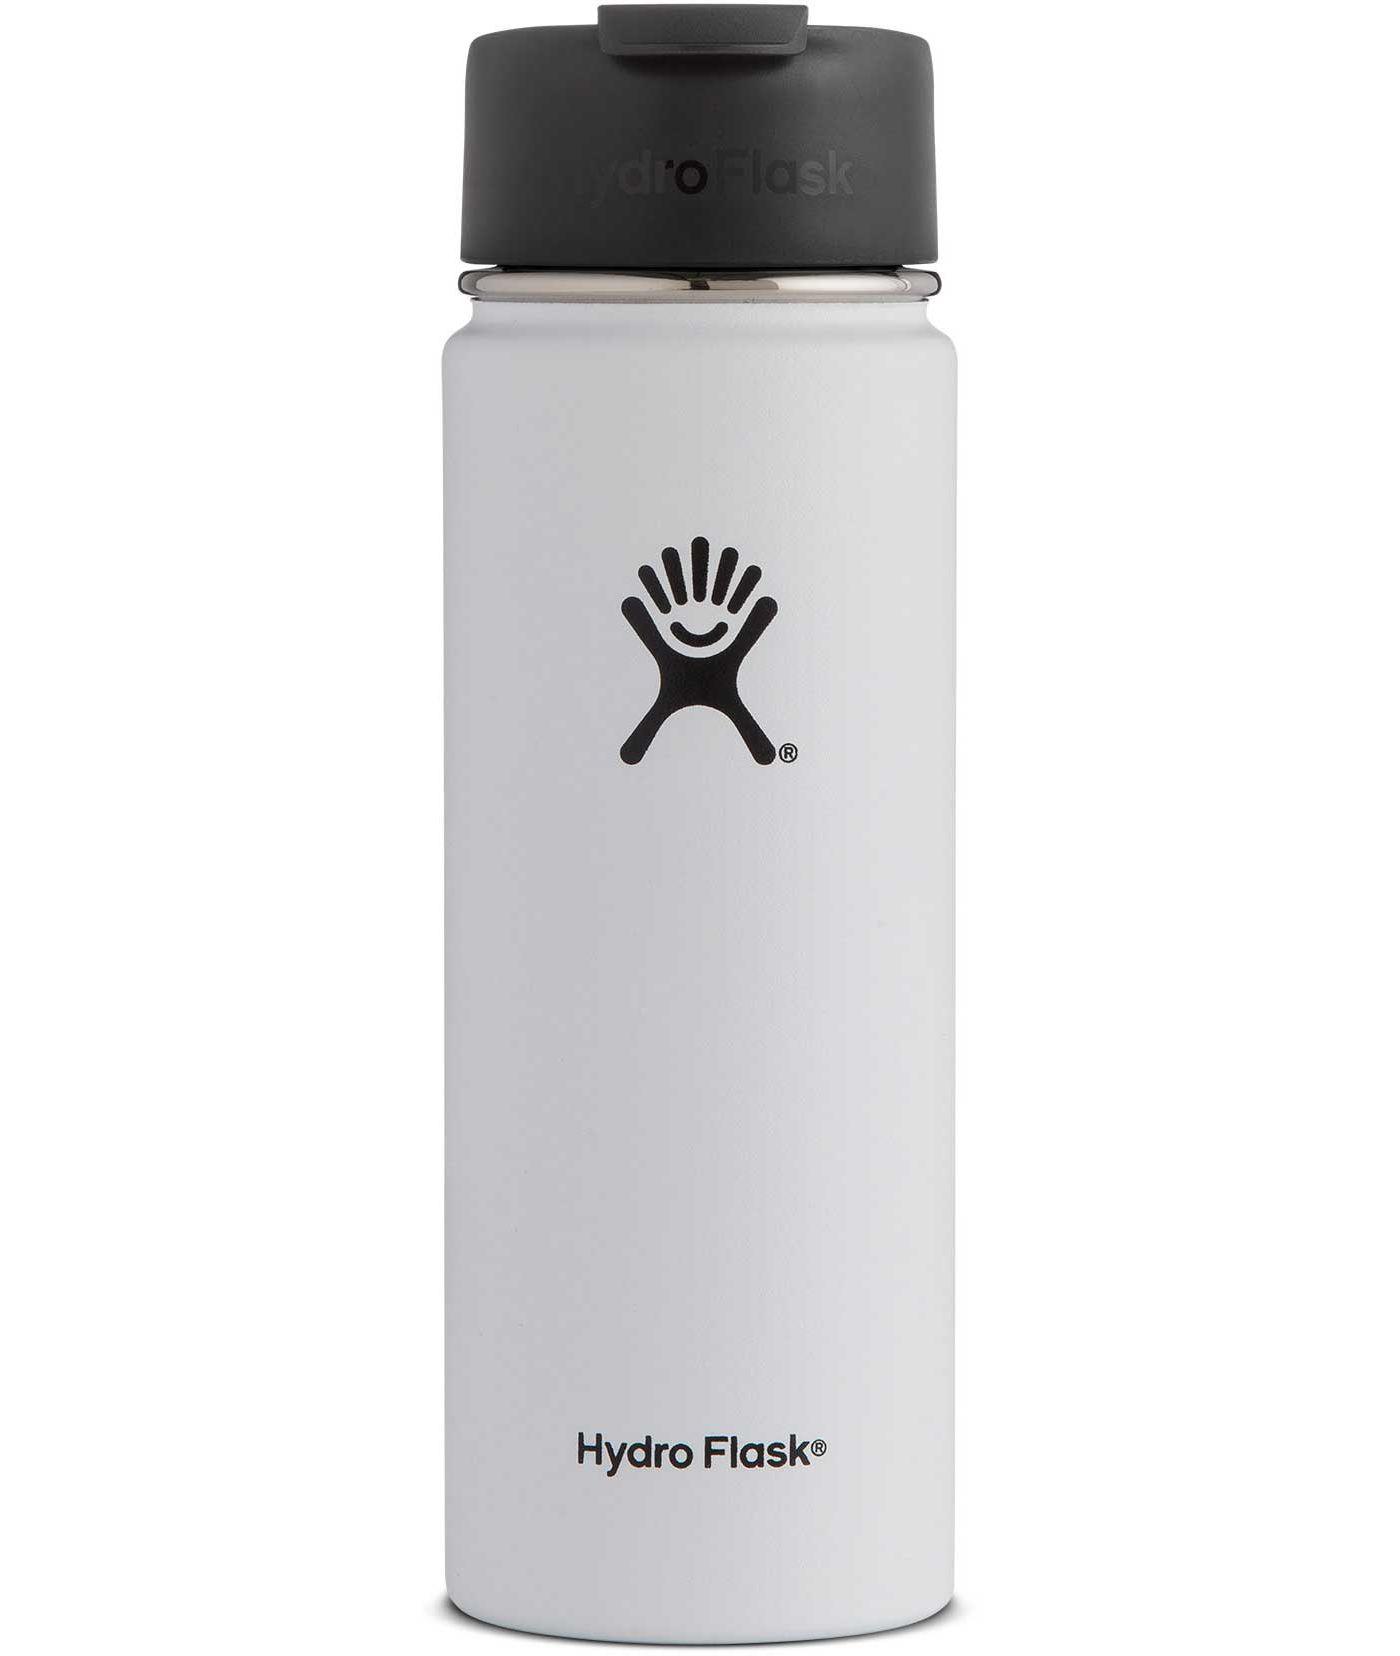 Hydro Flask Flip Top 20 oz. Bottle